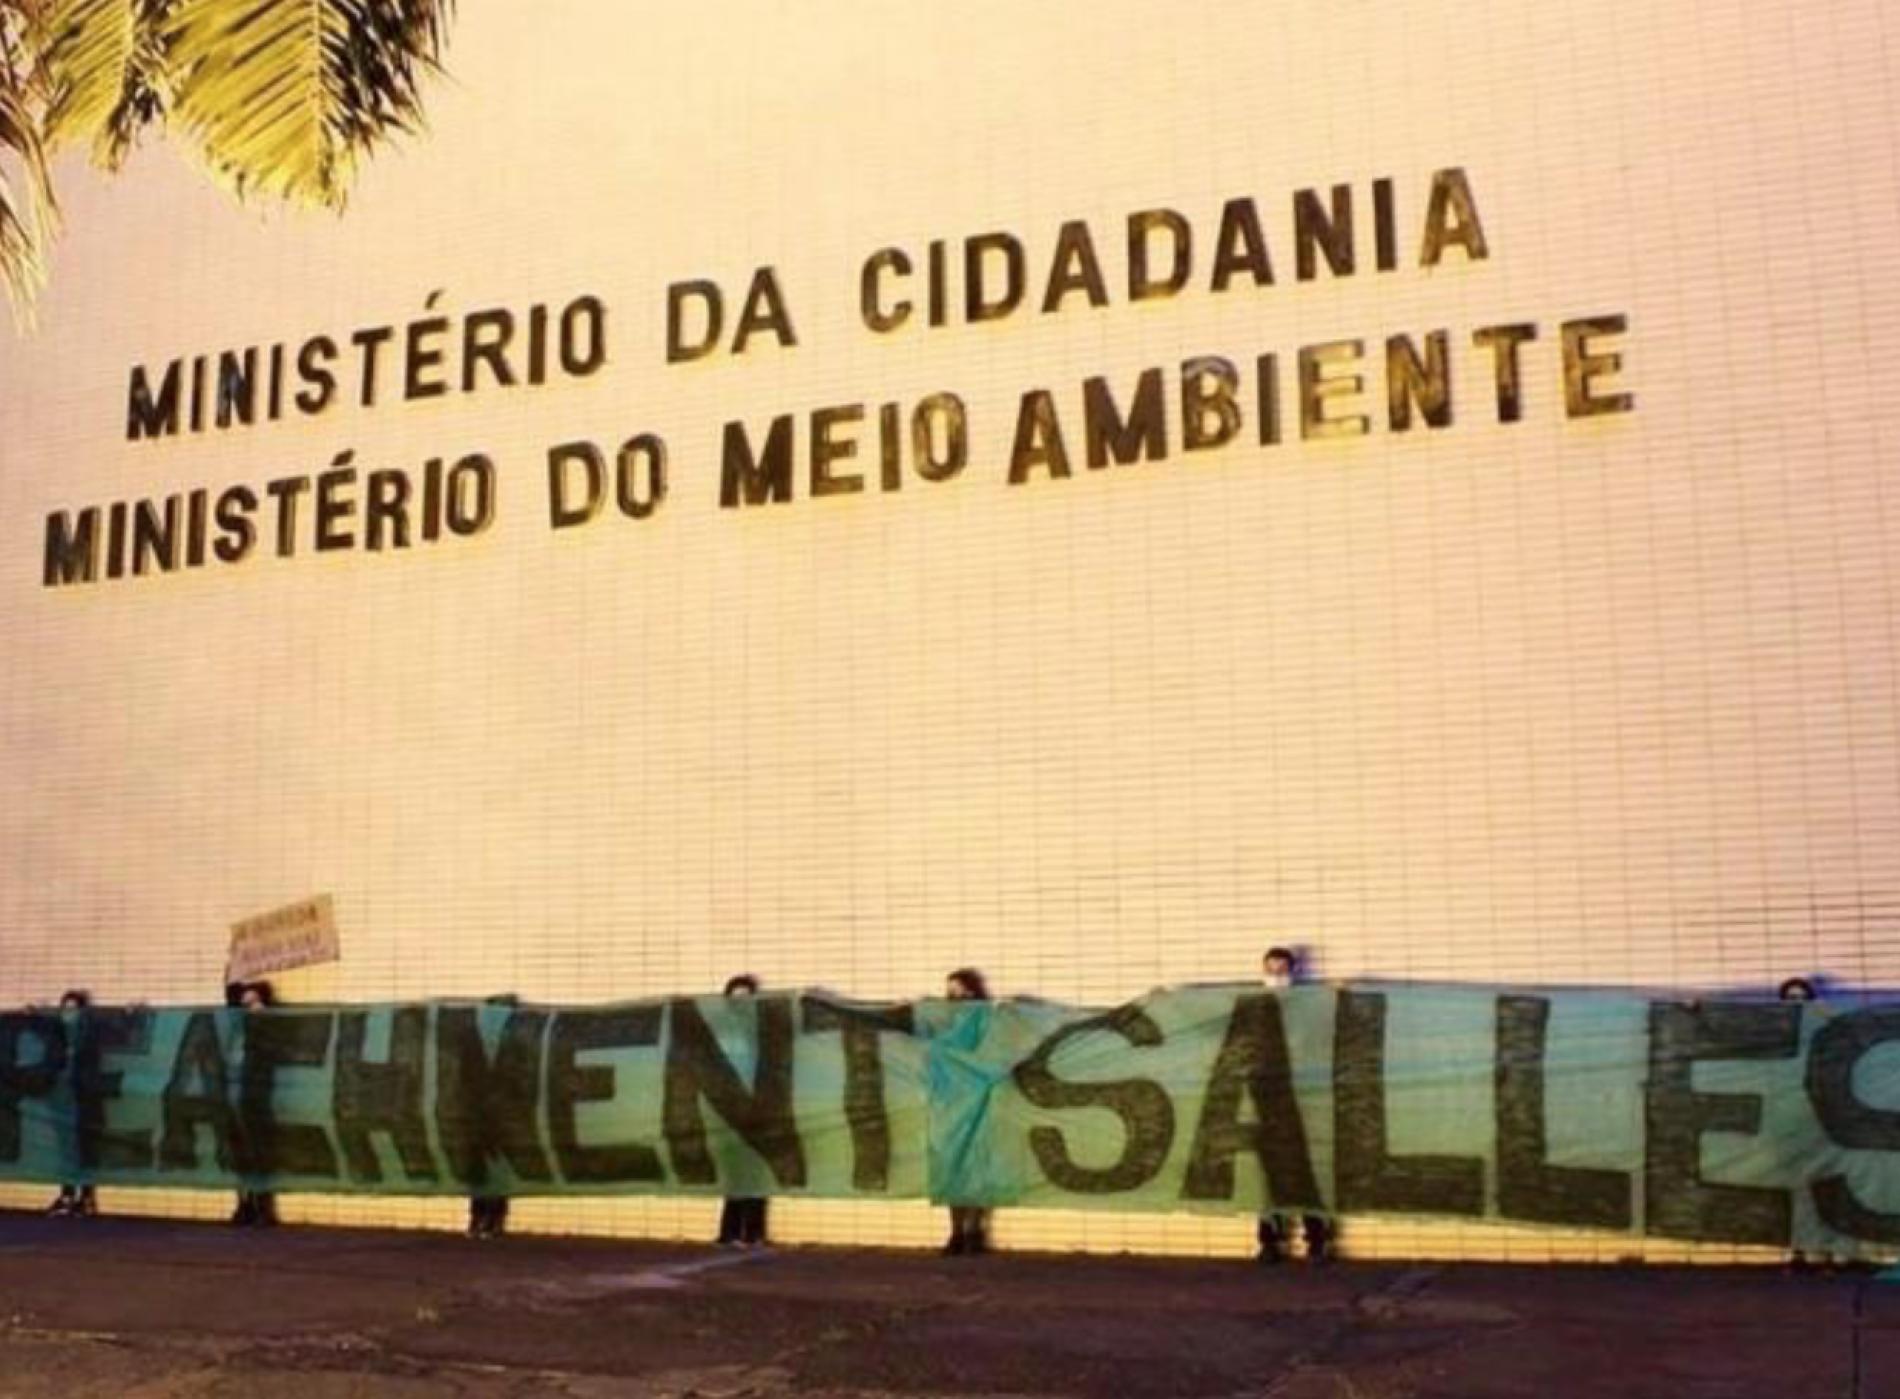 Salles aprofunda desgaste do Brasil e coloca em xeque acordo Mercosul-UE